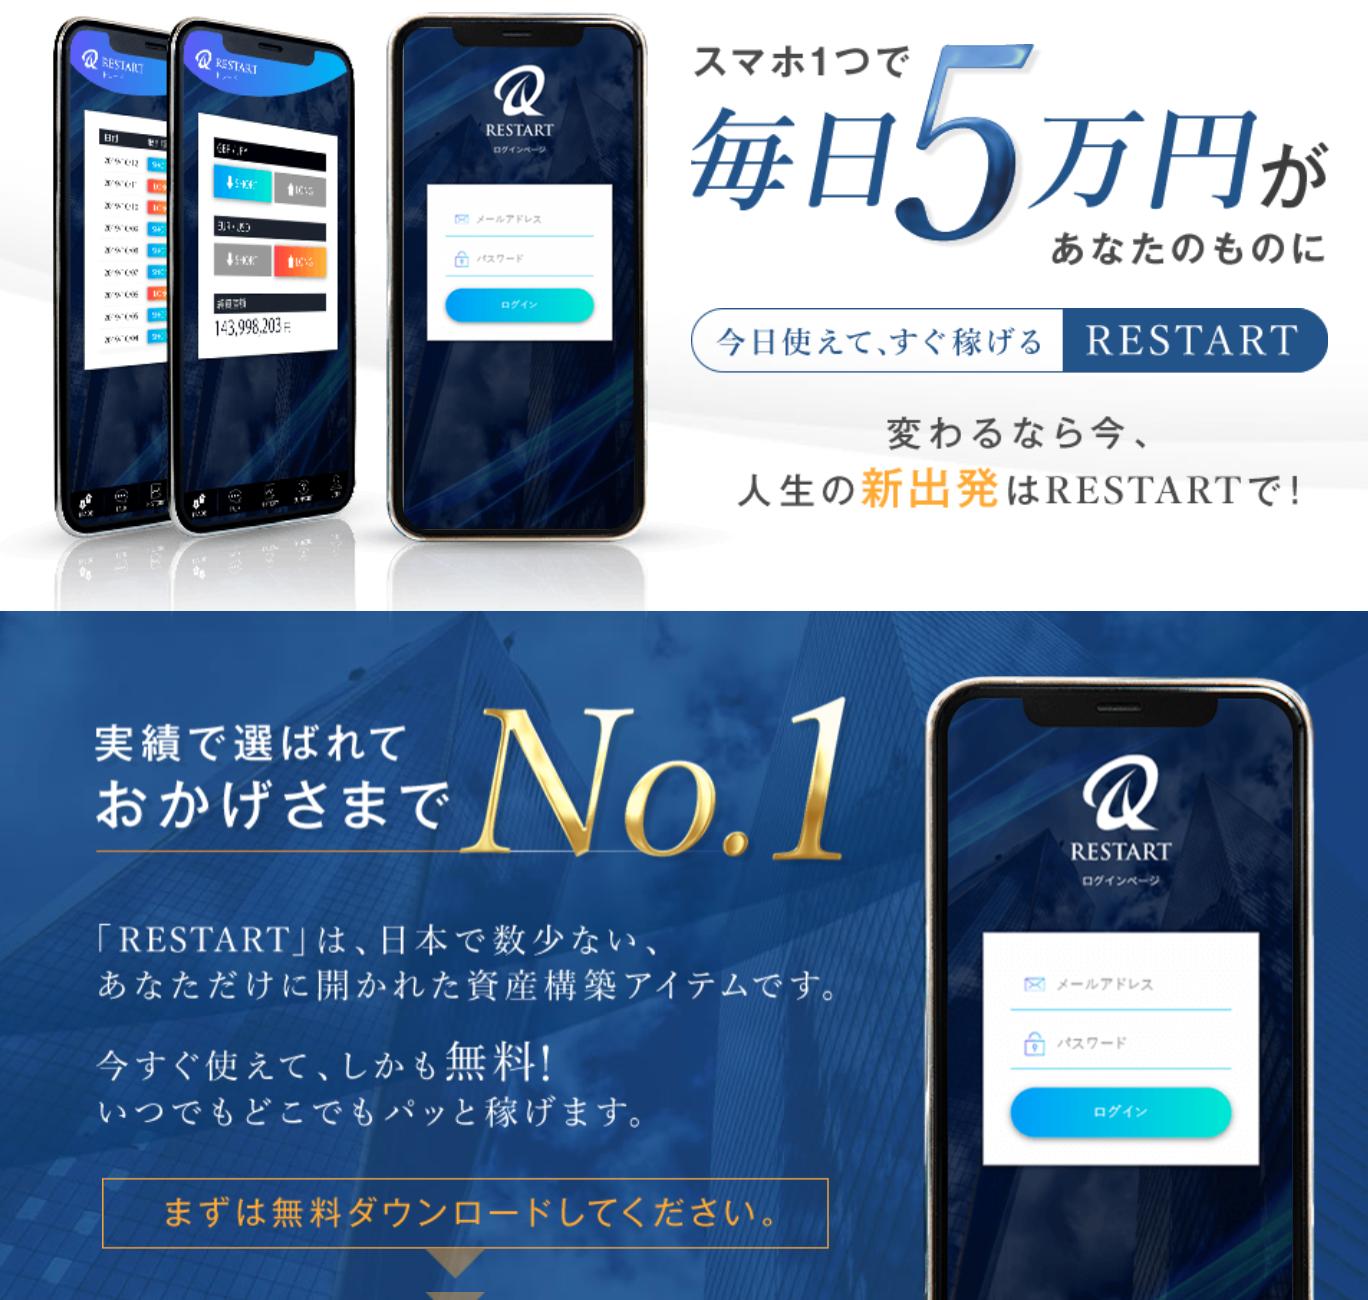 小田原聡 リスタート(RESTART)って一体なに?稼げるのか? 評判 口コミ 詐欺 返金 ネットビジネス裁判官が独自の視点で検証していきます。